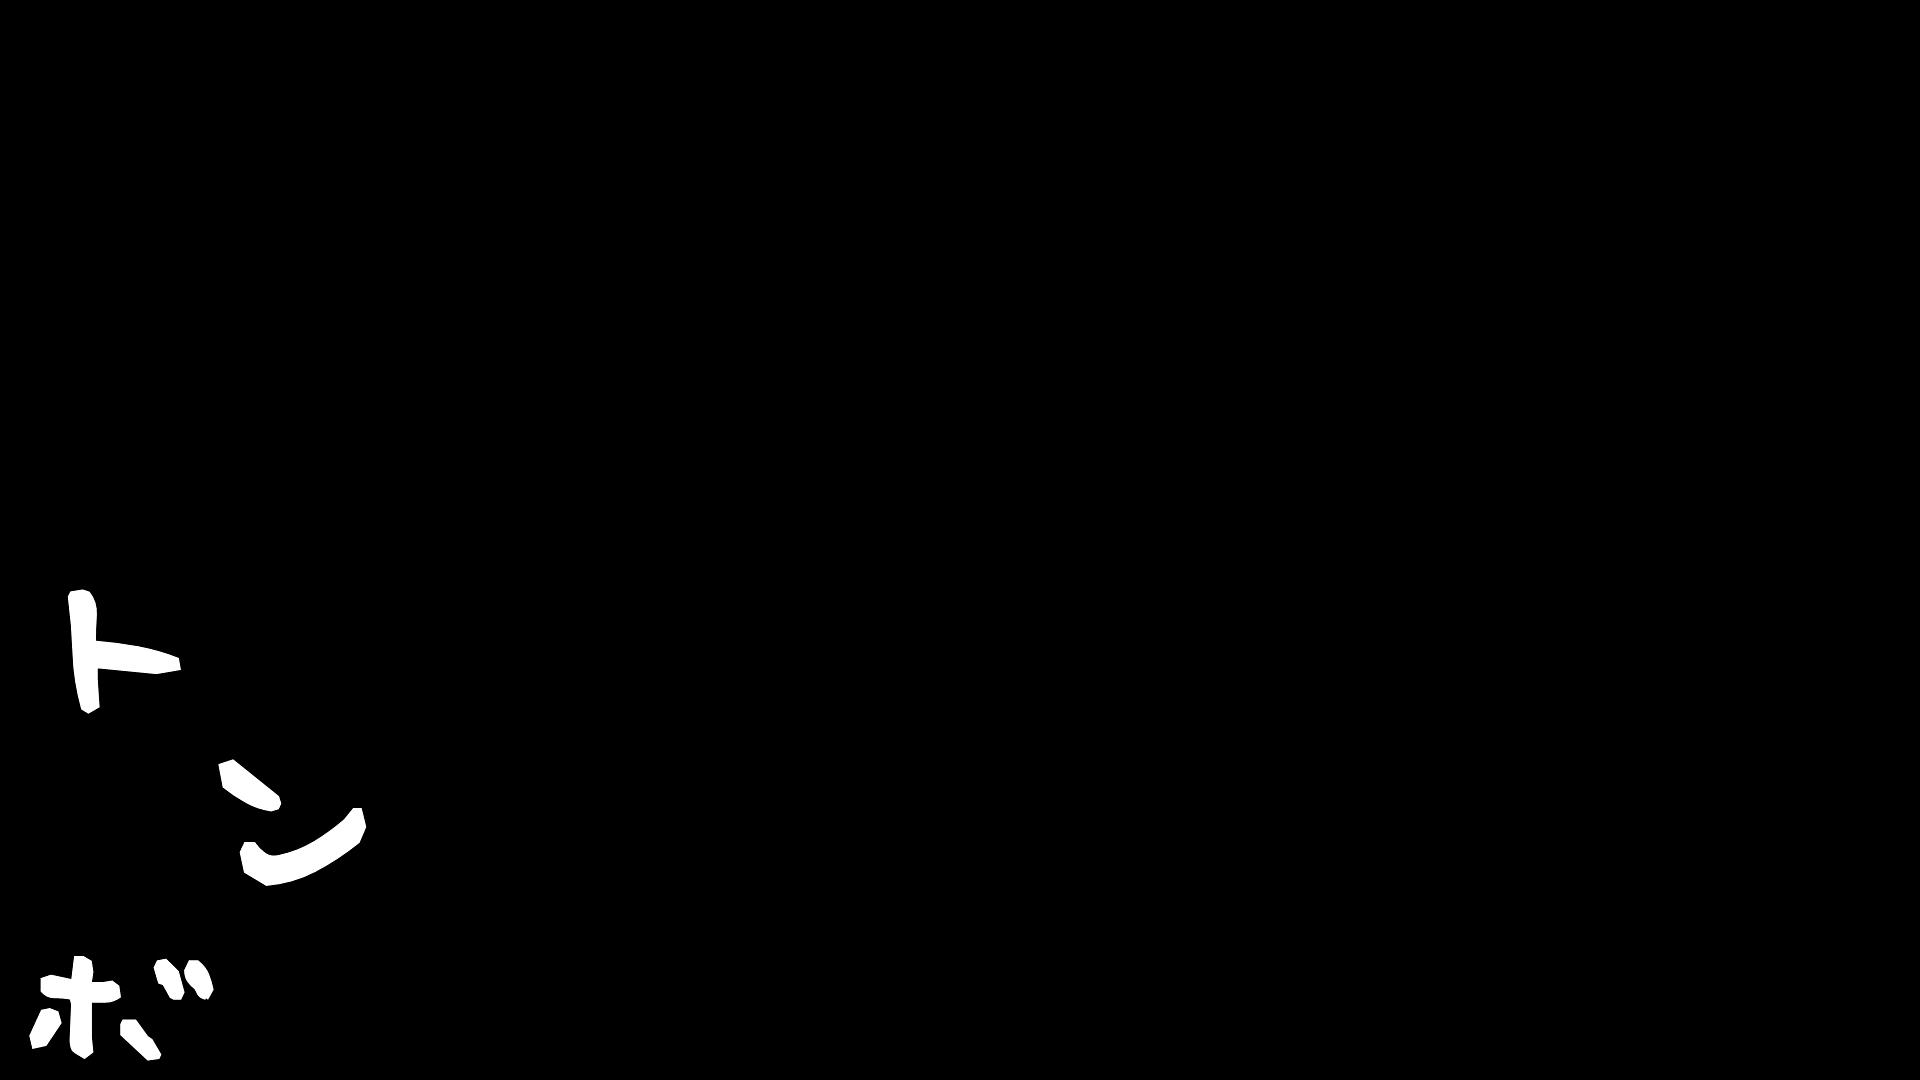 リアル盗撮 北欧留学生一人暮らし部屋ヌード 美女達のヌード   盗撮エロすぎ  102連発 70